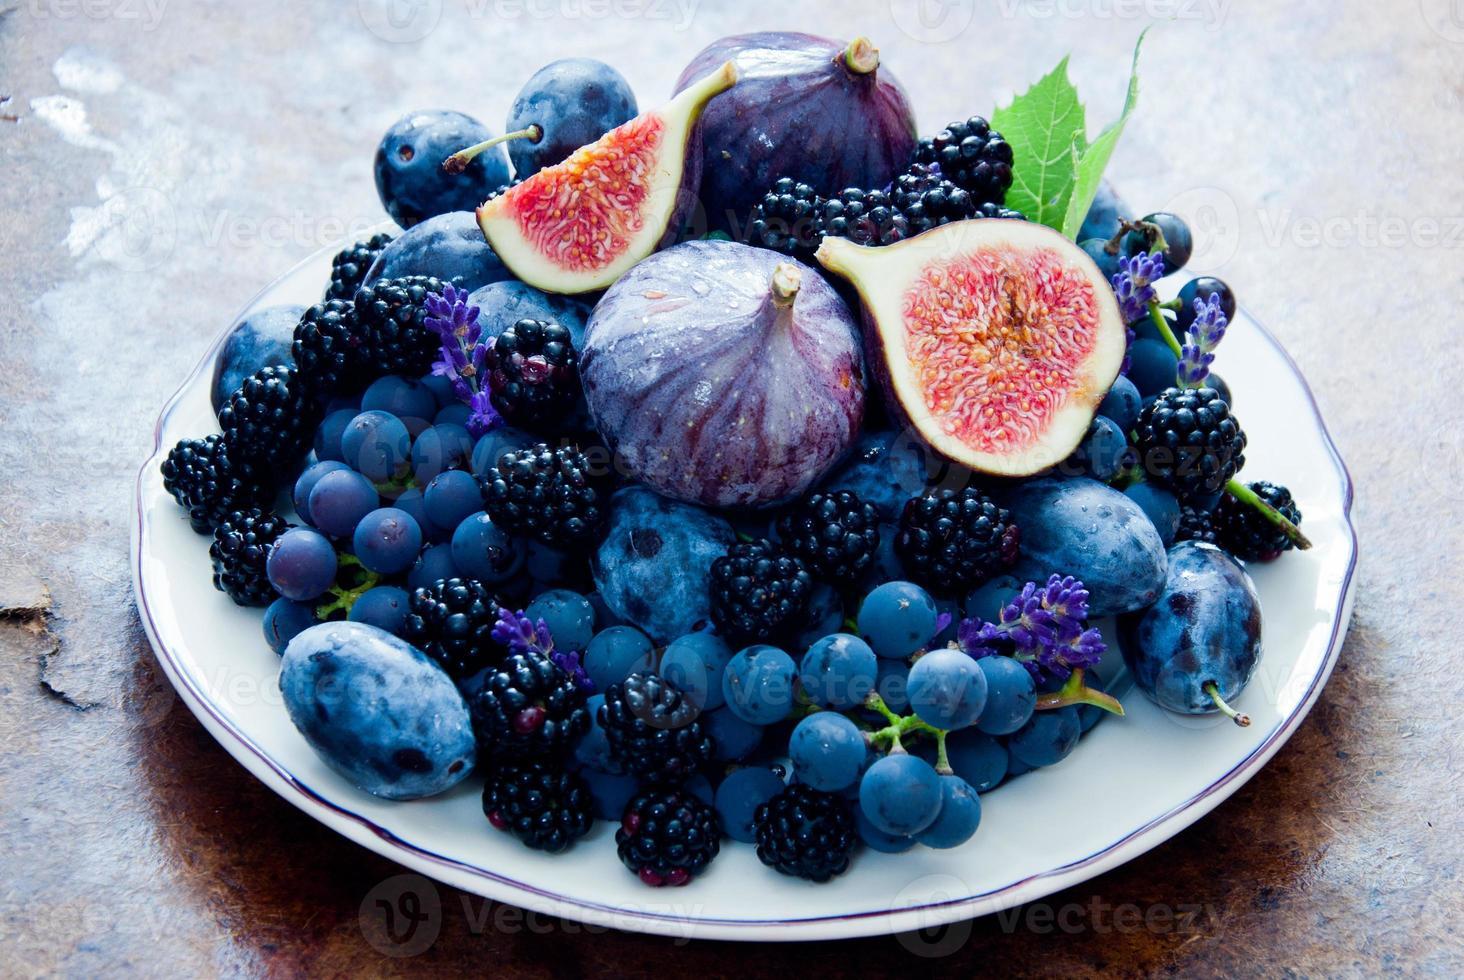 fichi freschi, uva, prugne secche e rugiada foto